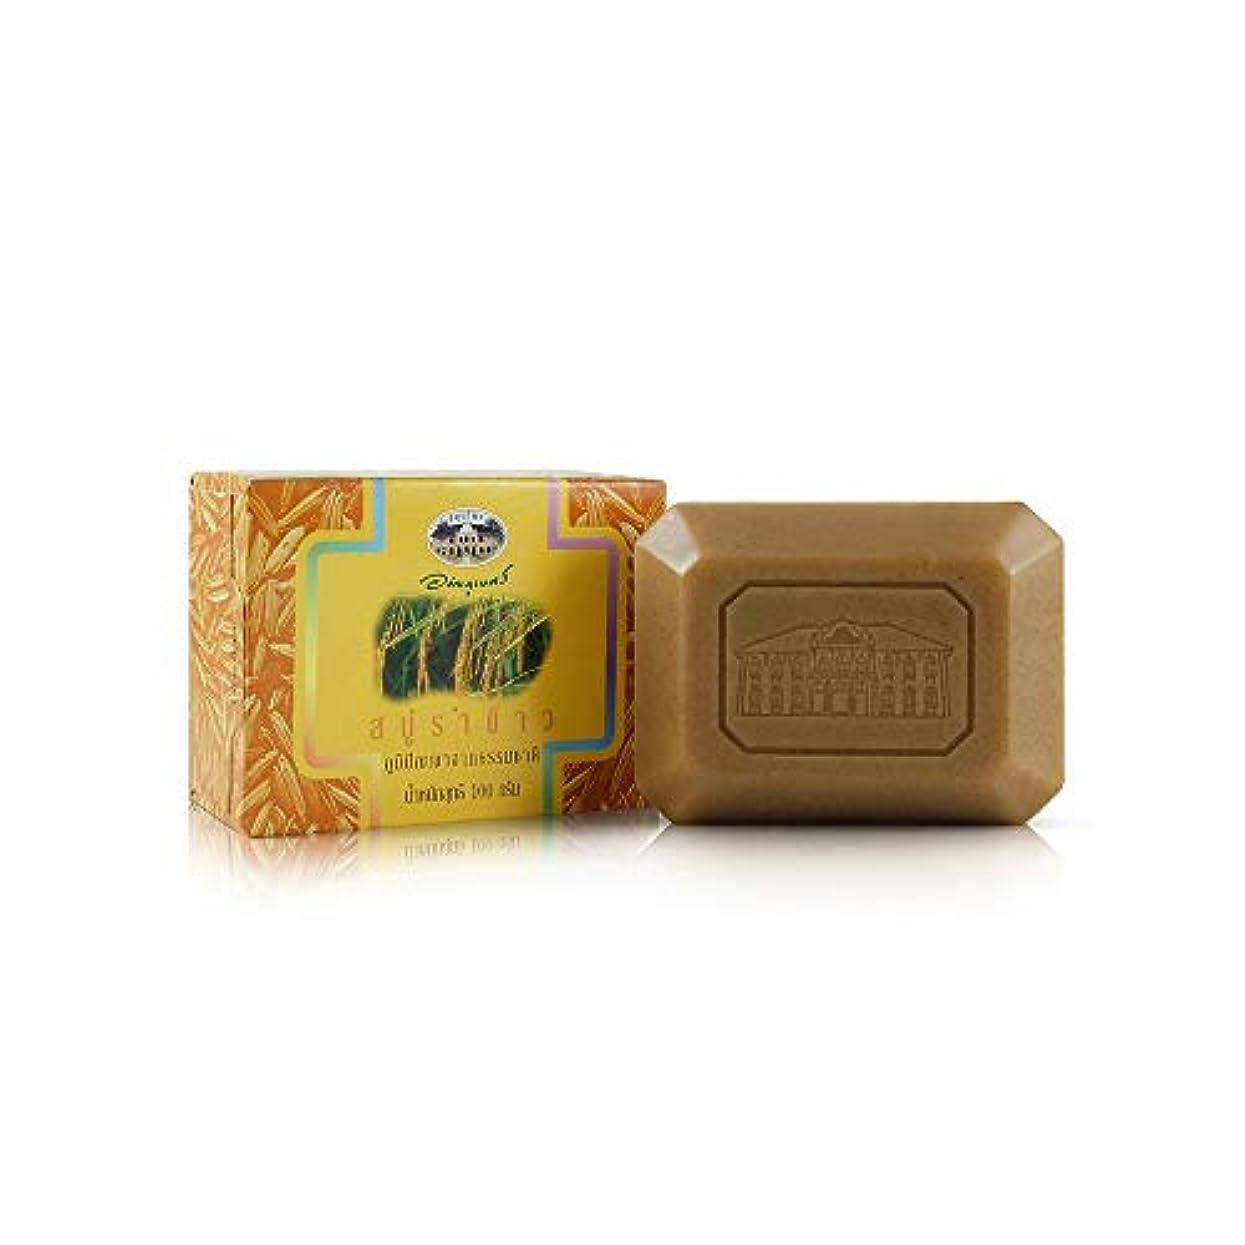 れる盲目短命Abhaibhubejhr Rice Bran Herbal Body Cleansing Soap 100g. Abhaibhubejhrライスブランハーブボディクレンジングソープ100グラム。